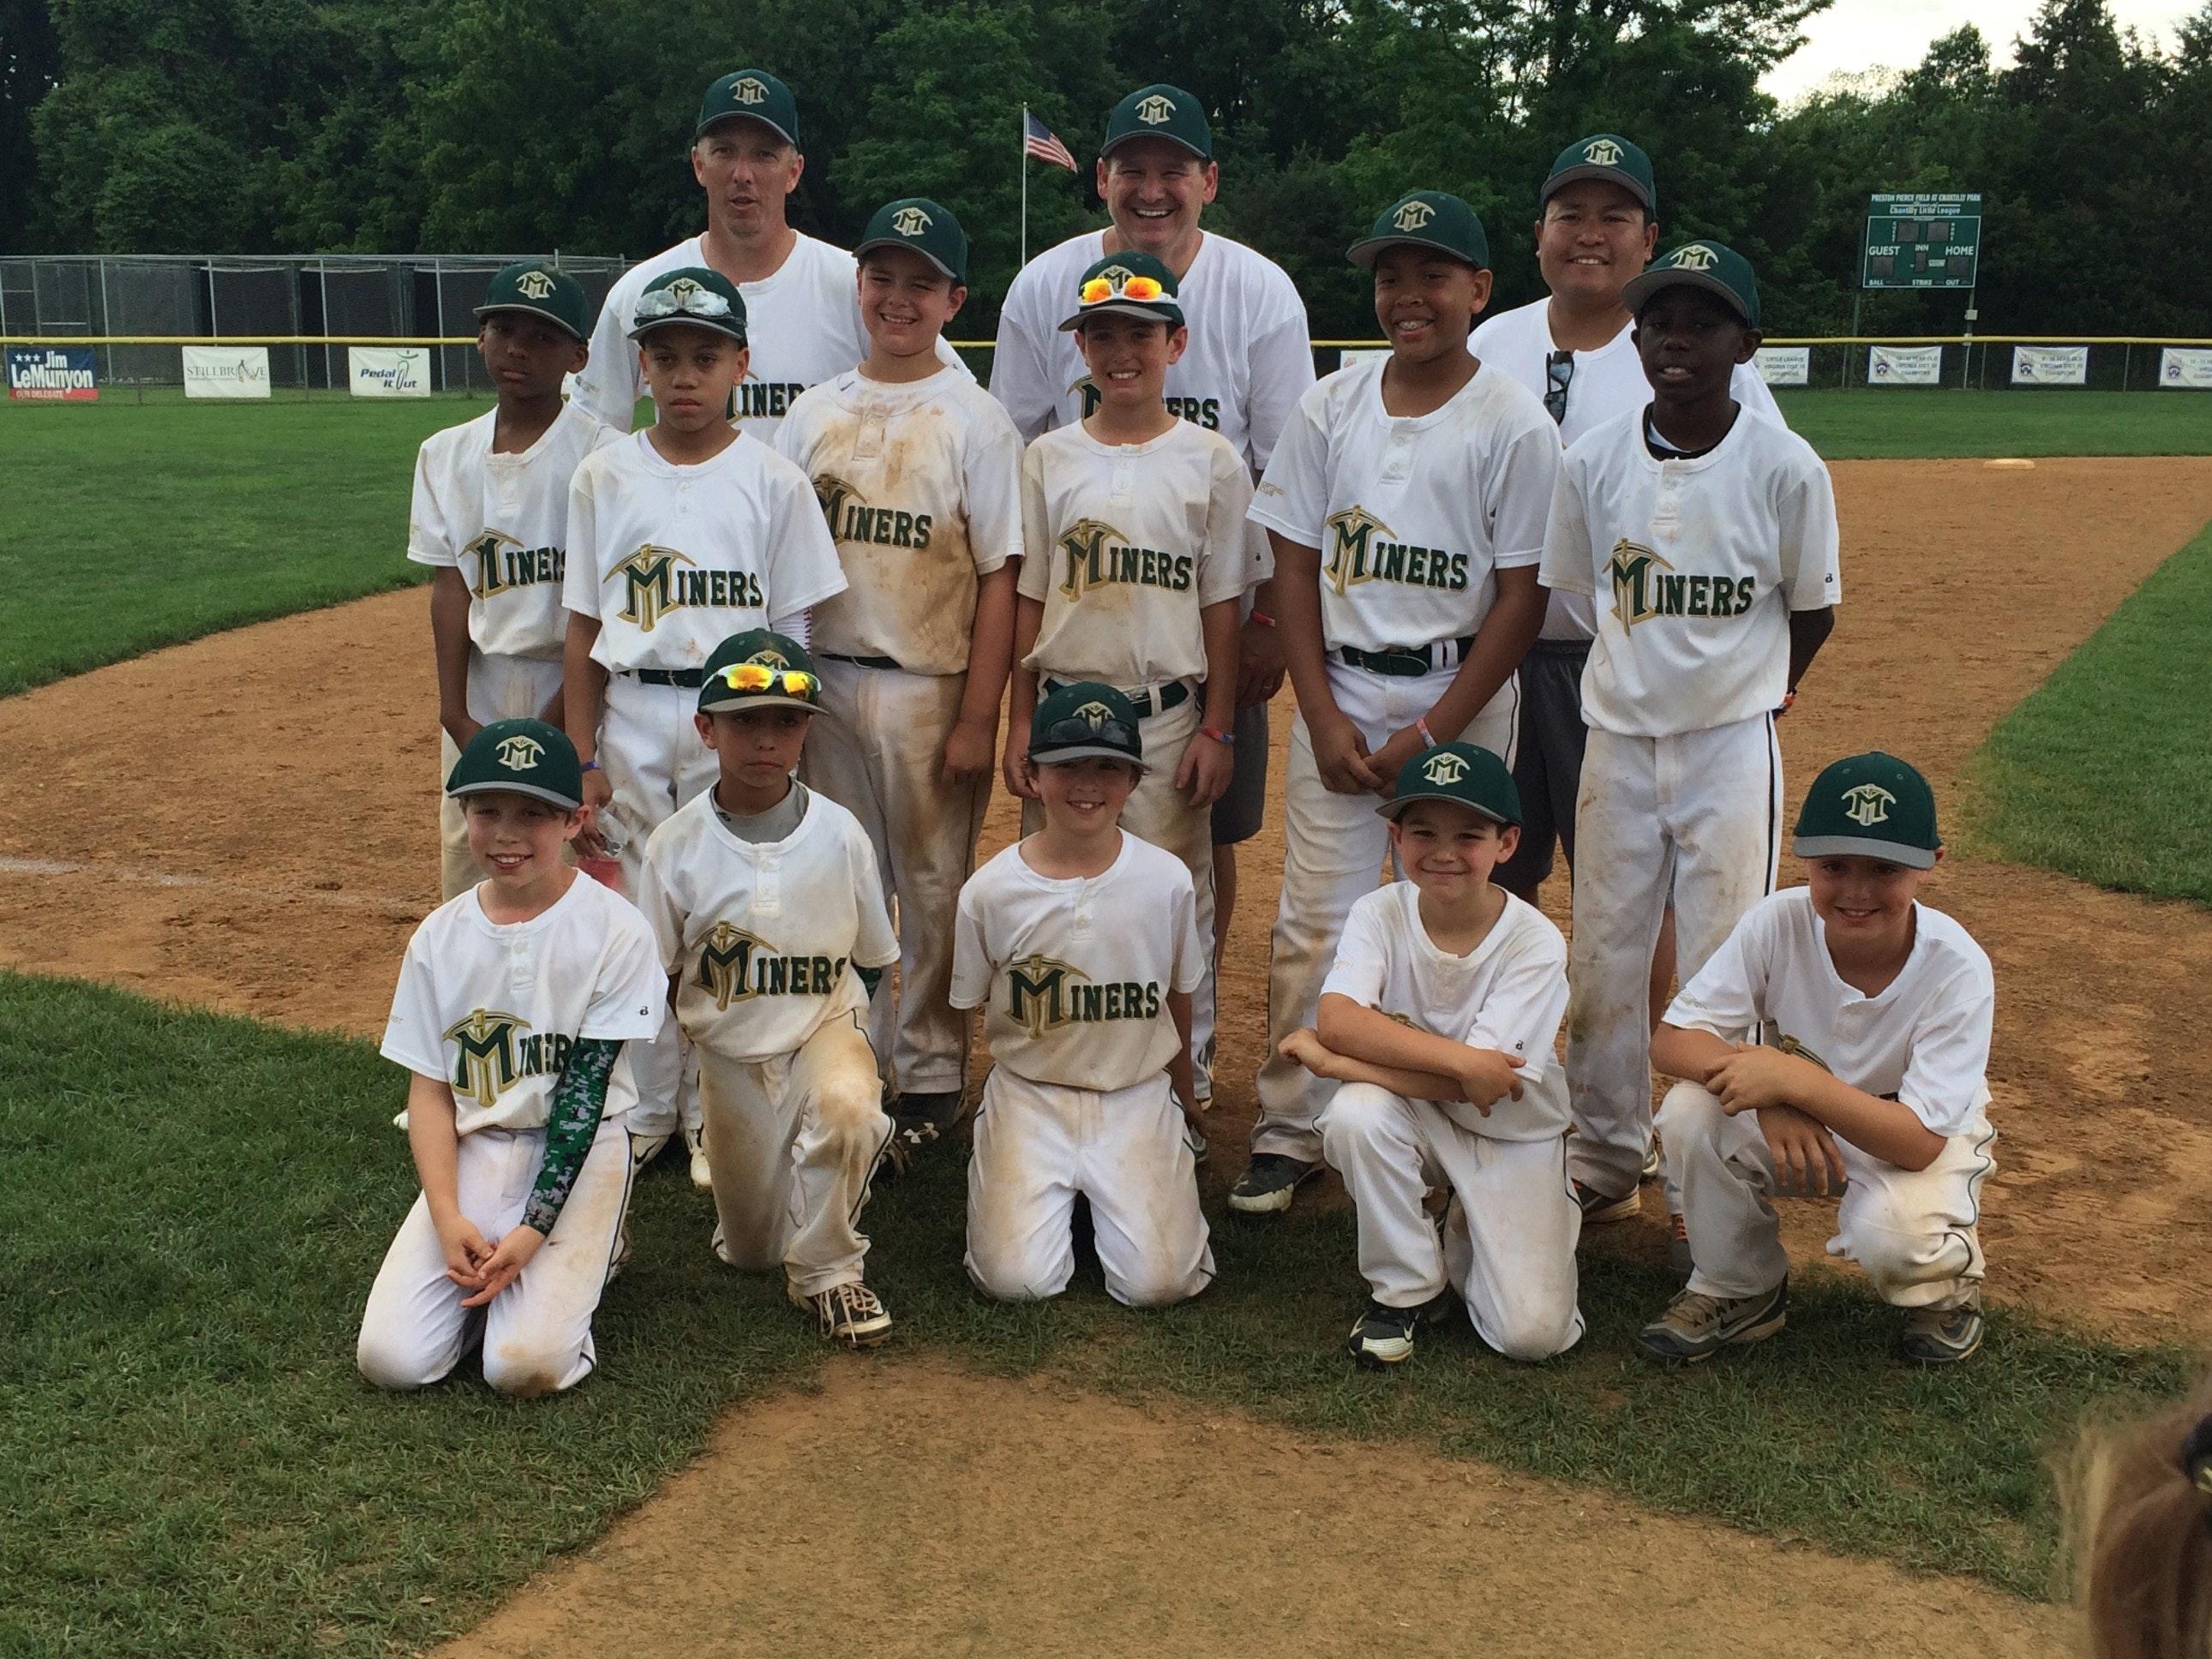 Mallard Creek Miners 11U Travel Baseball